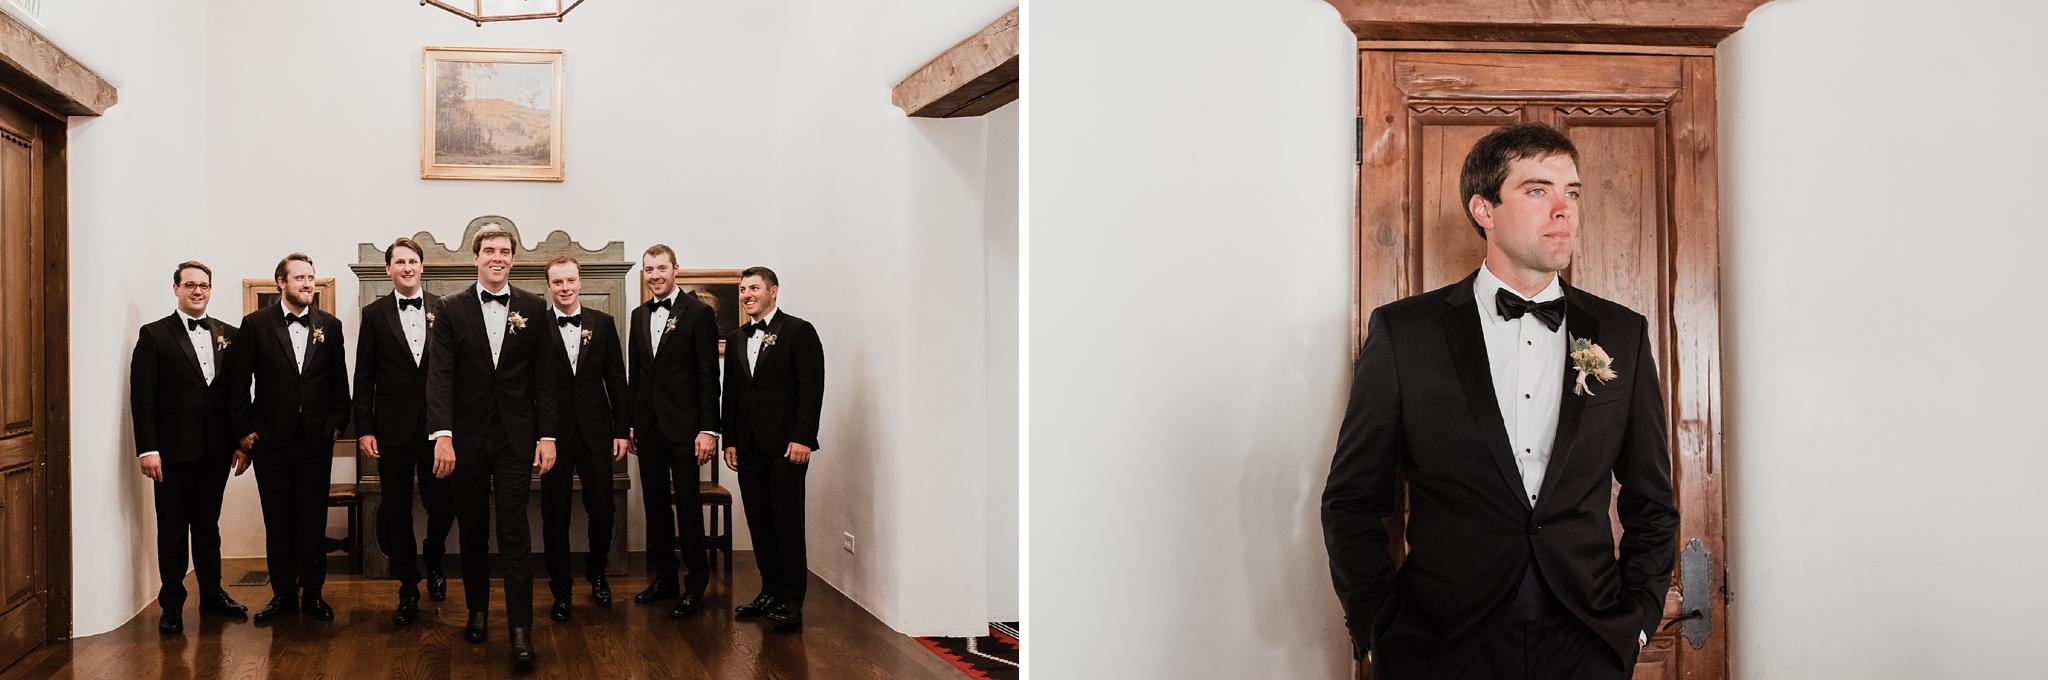 Alicia+lucia+photography+-+albuquerque+wedding+photographer+-+santa+fe+wedding+photography+-+new+mexico+wedding+photographer+-+new+mexico+wedding+-+las+campanas+wedding+-+santa+fe+wedding+-+maximalist+wedding+-+destination+wedding_0073.jpg